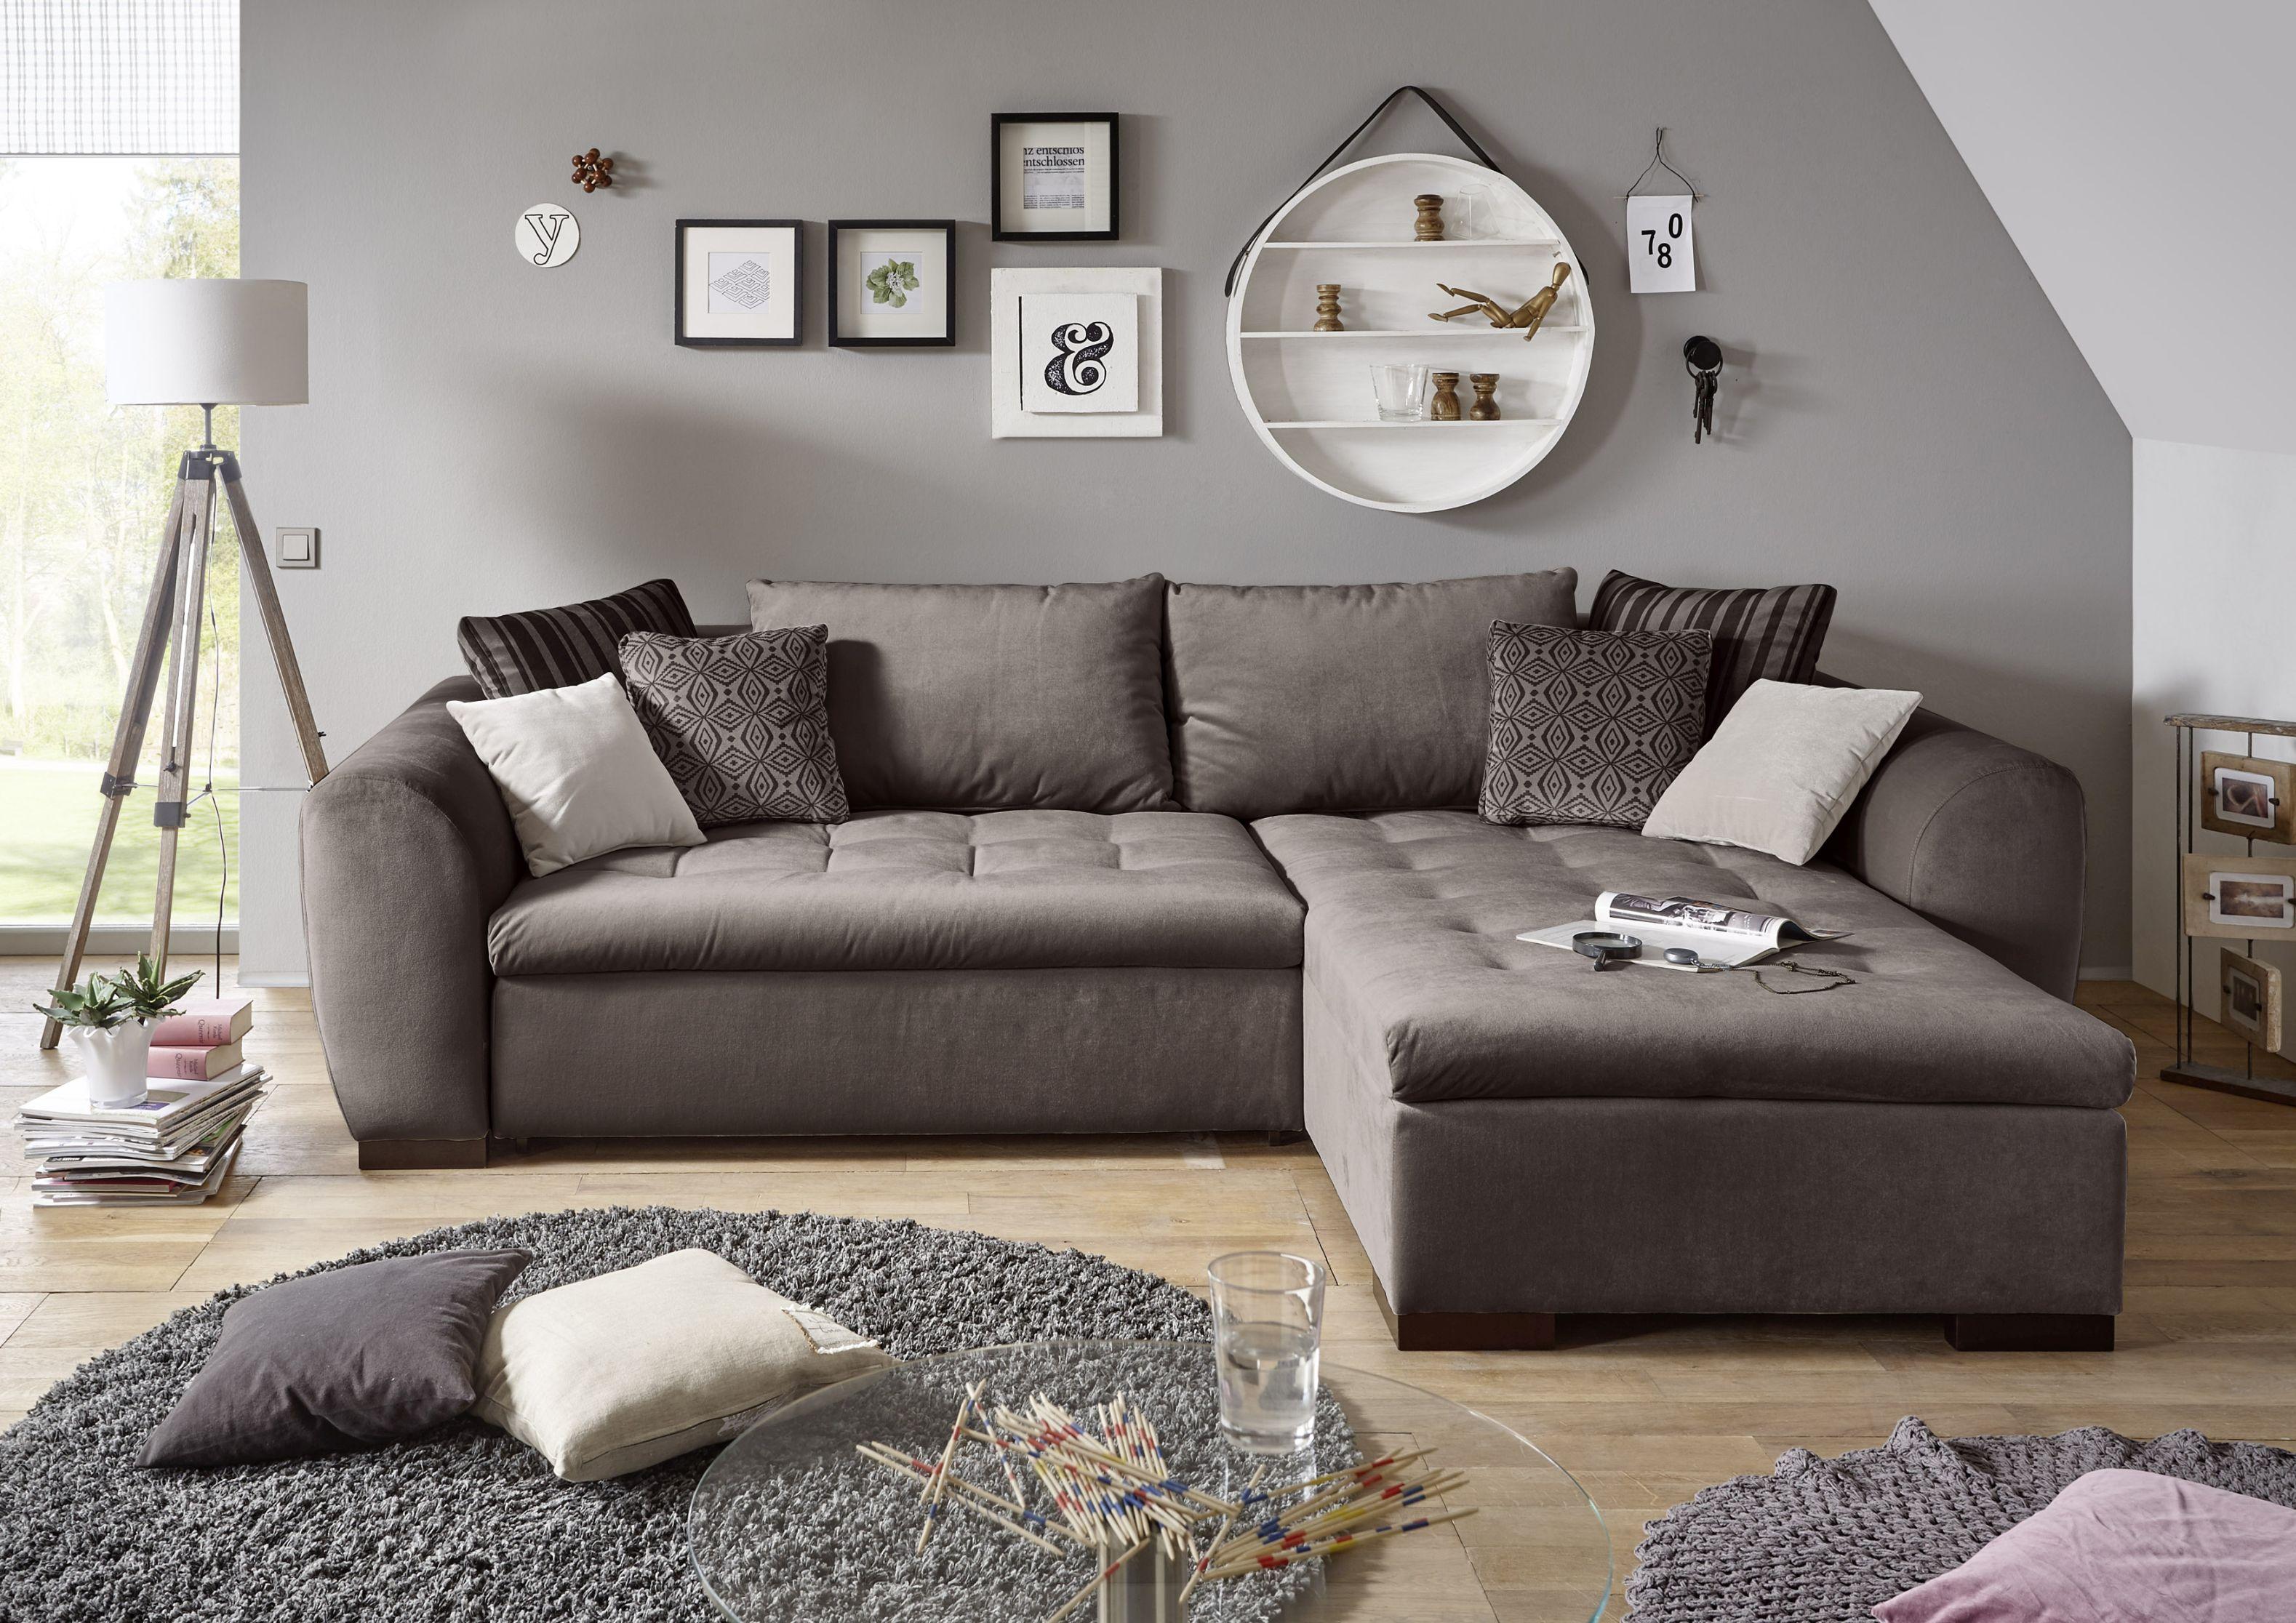 couch gaspar schlafcouch bettsofa schlafsofa sofabett funktionssofa ausziehbar braun 282 cm - Sofacouch Mit Schlafcouch